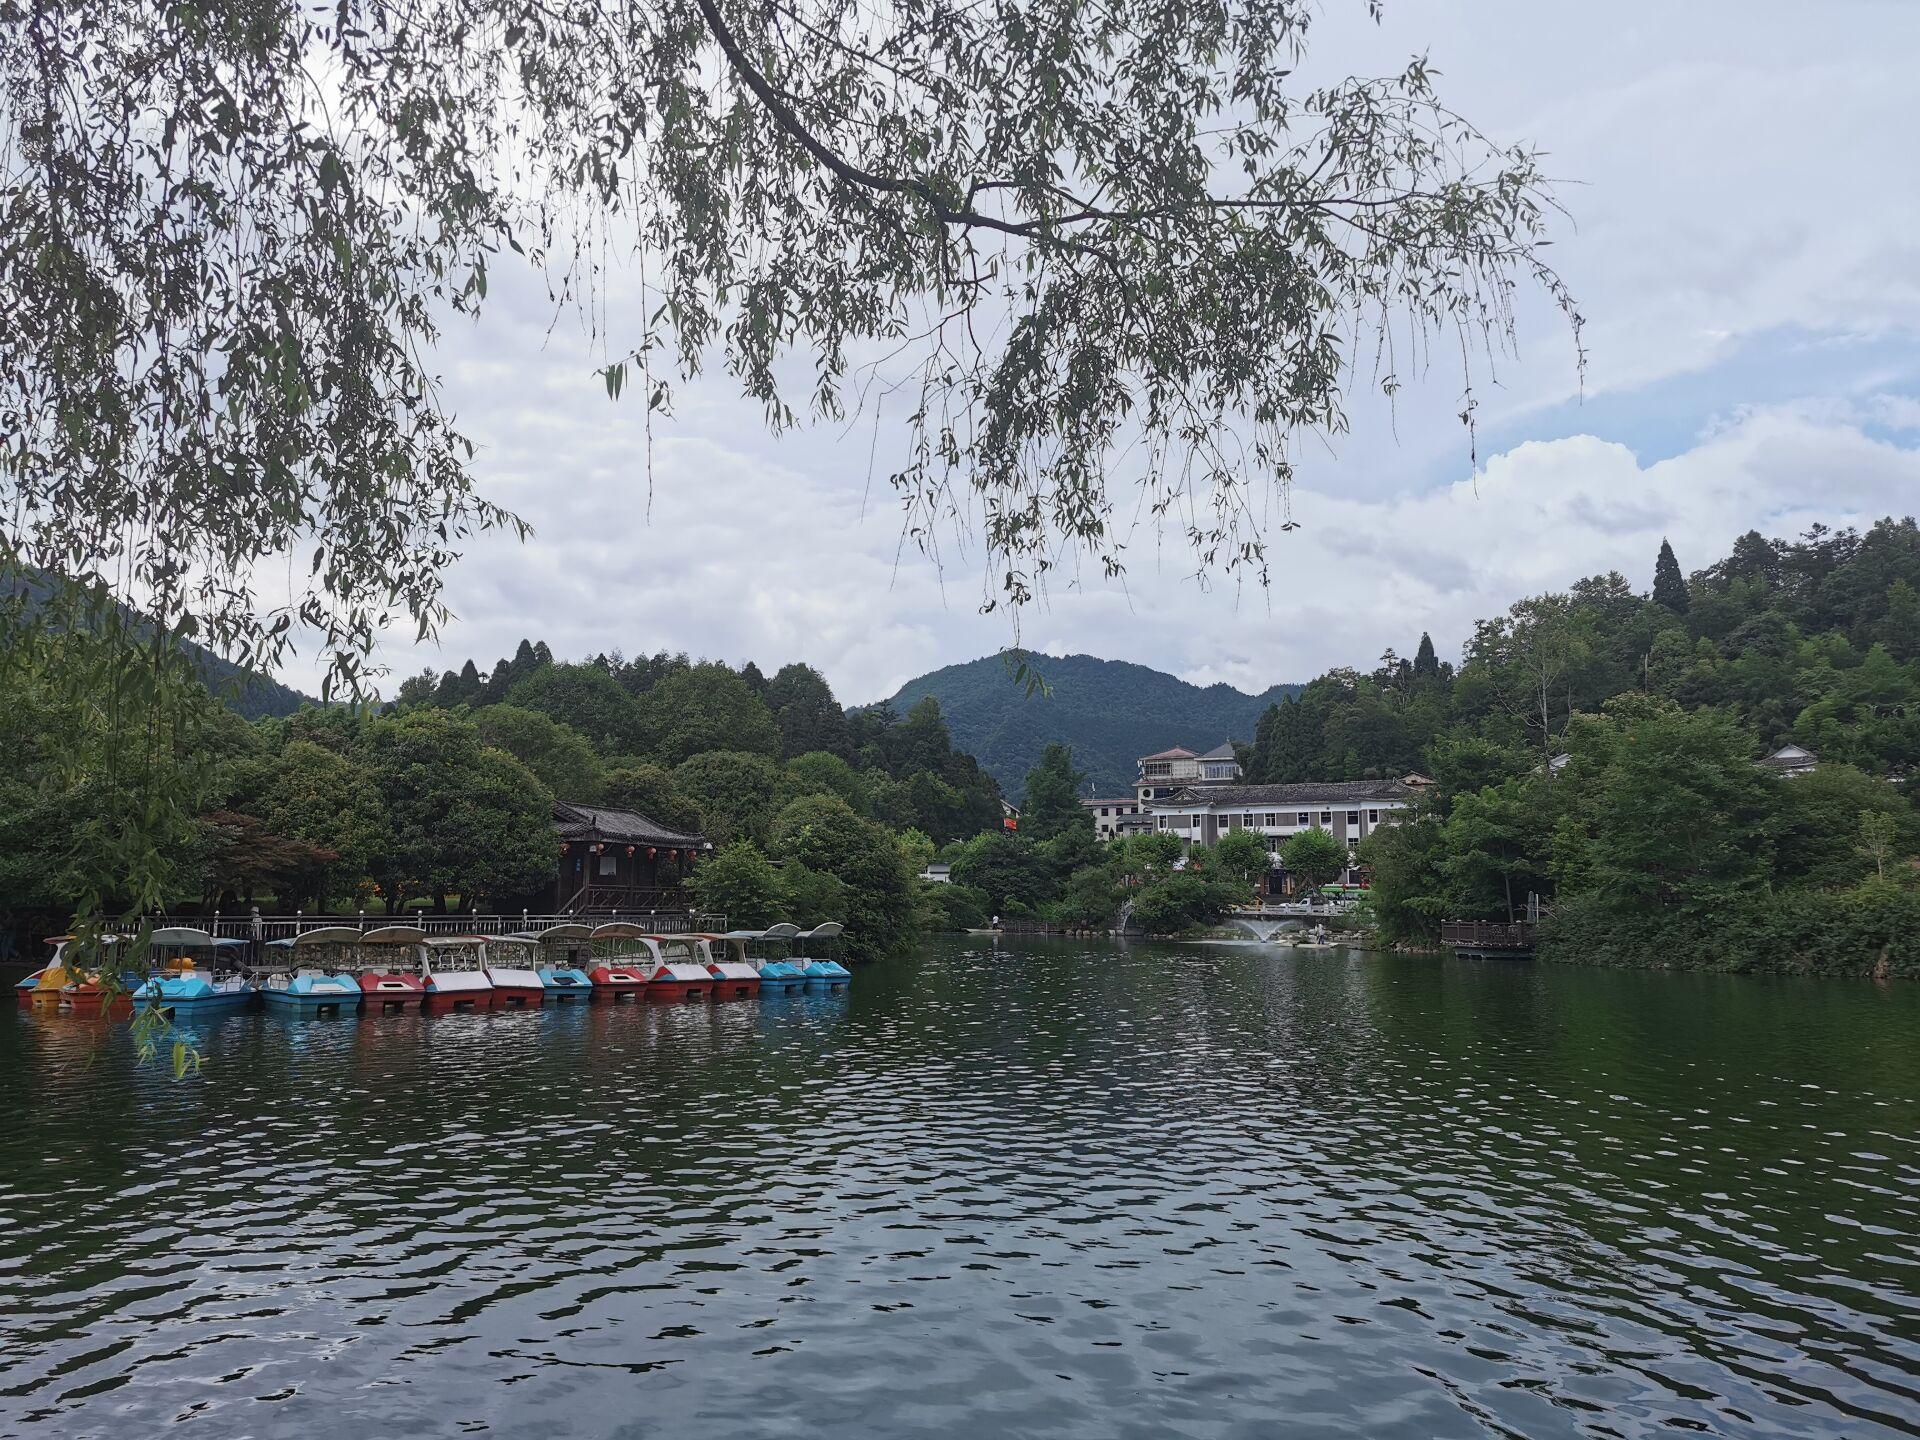 井冈山之挹翠湖一隅04.jpg